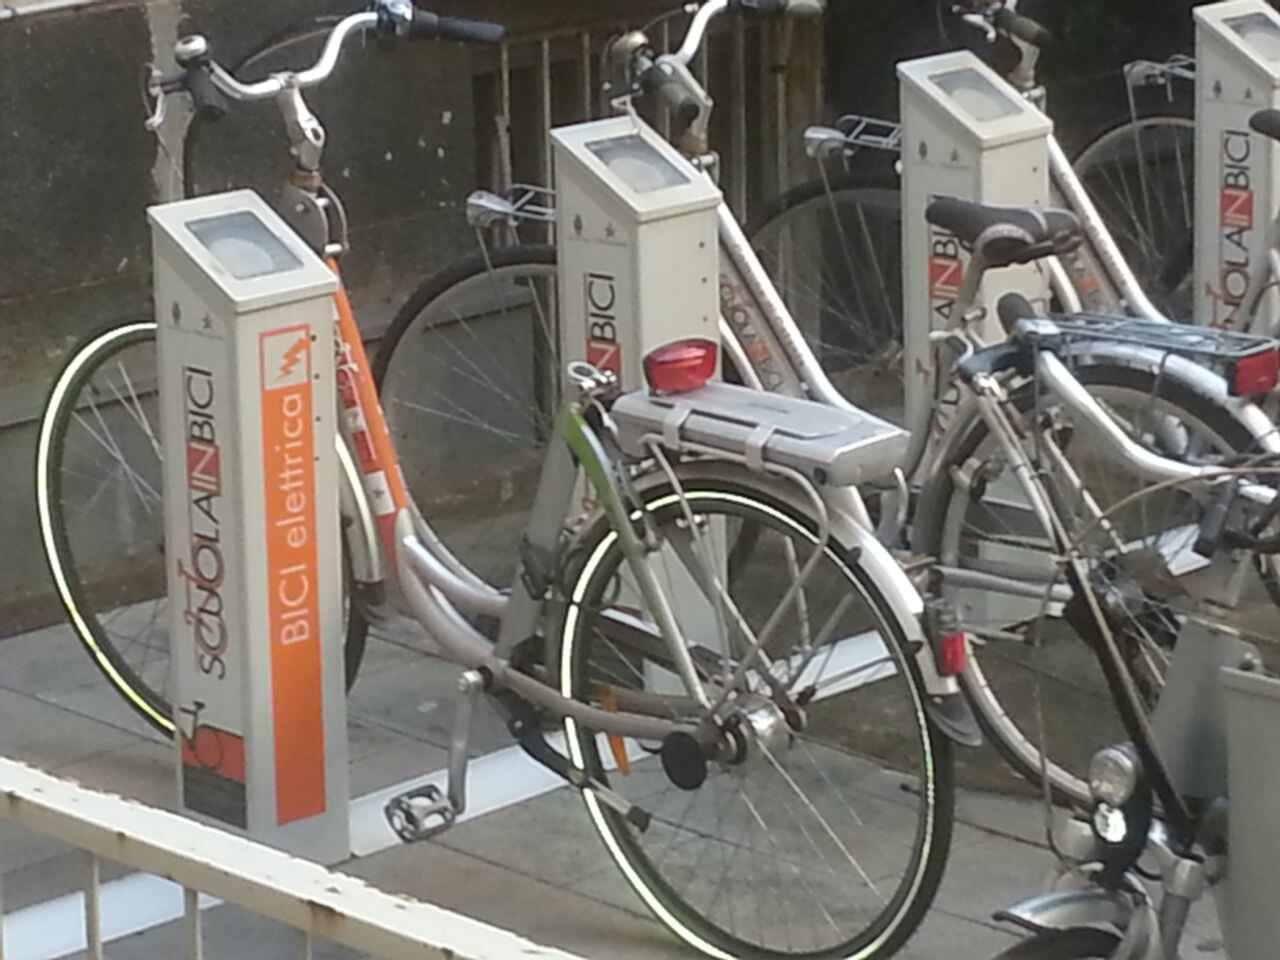 """Rubate nella notte le biciclette del """"Carsharing Bici Pa"""": la polizia le ritrova"""